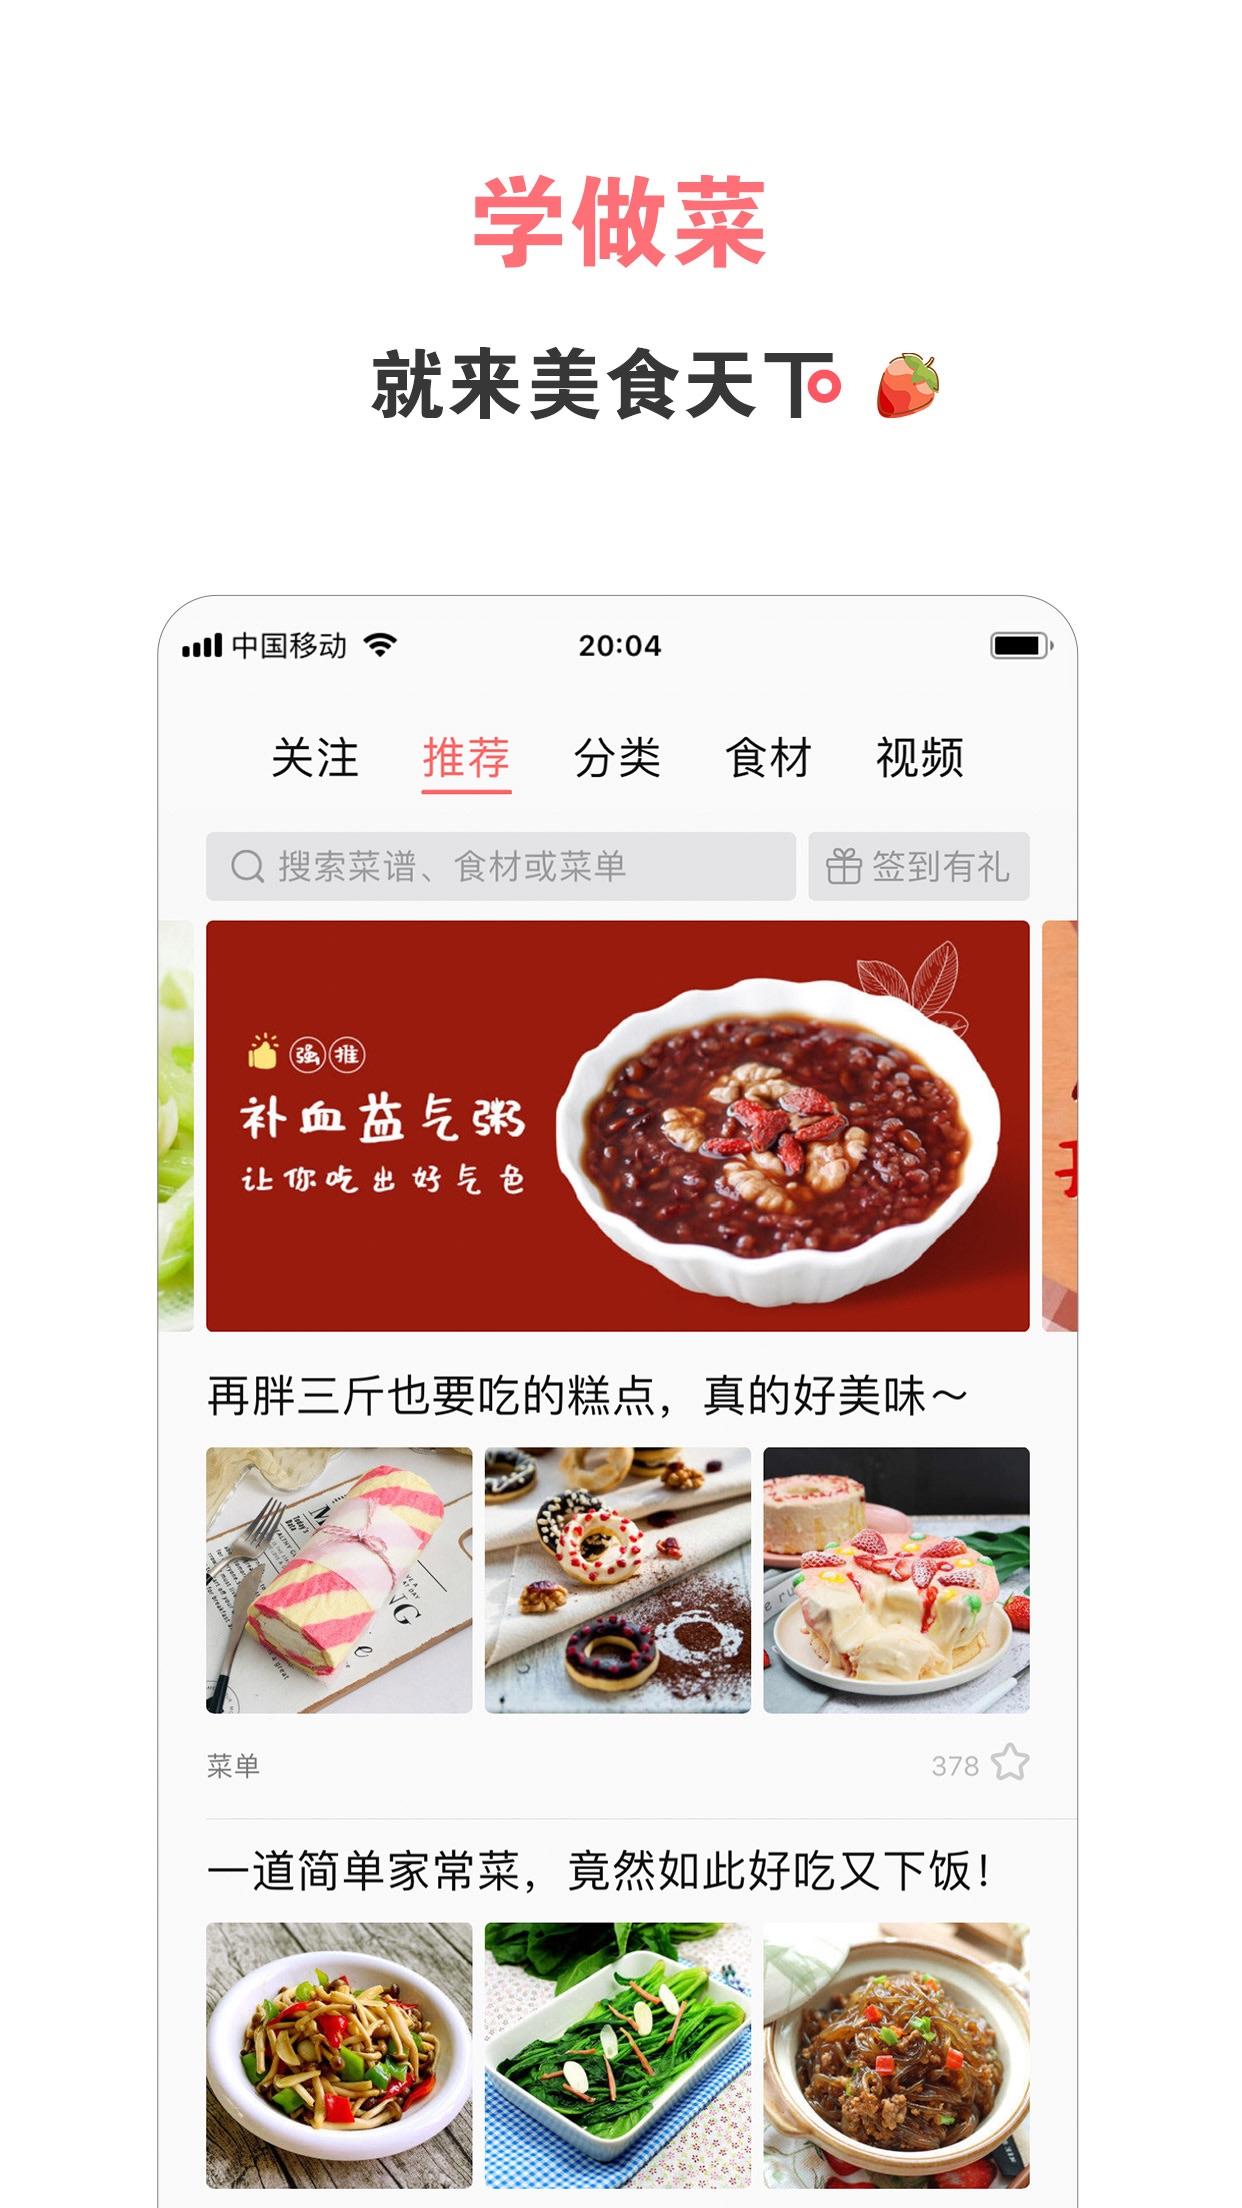 美食天下 - 菜谱大全 Screenshot